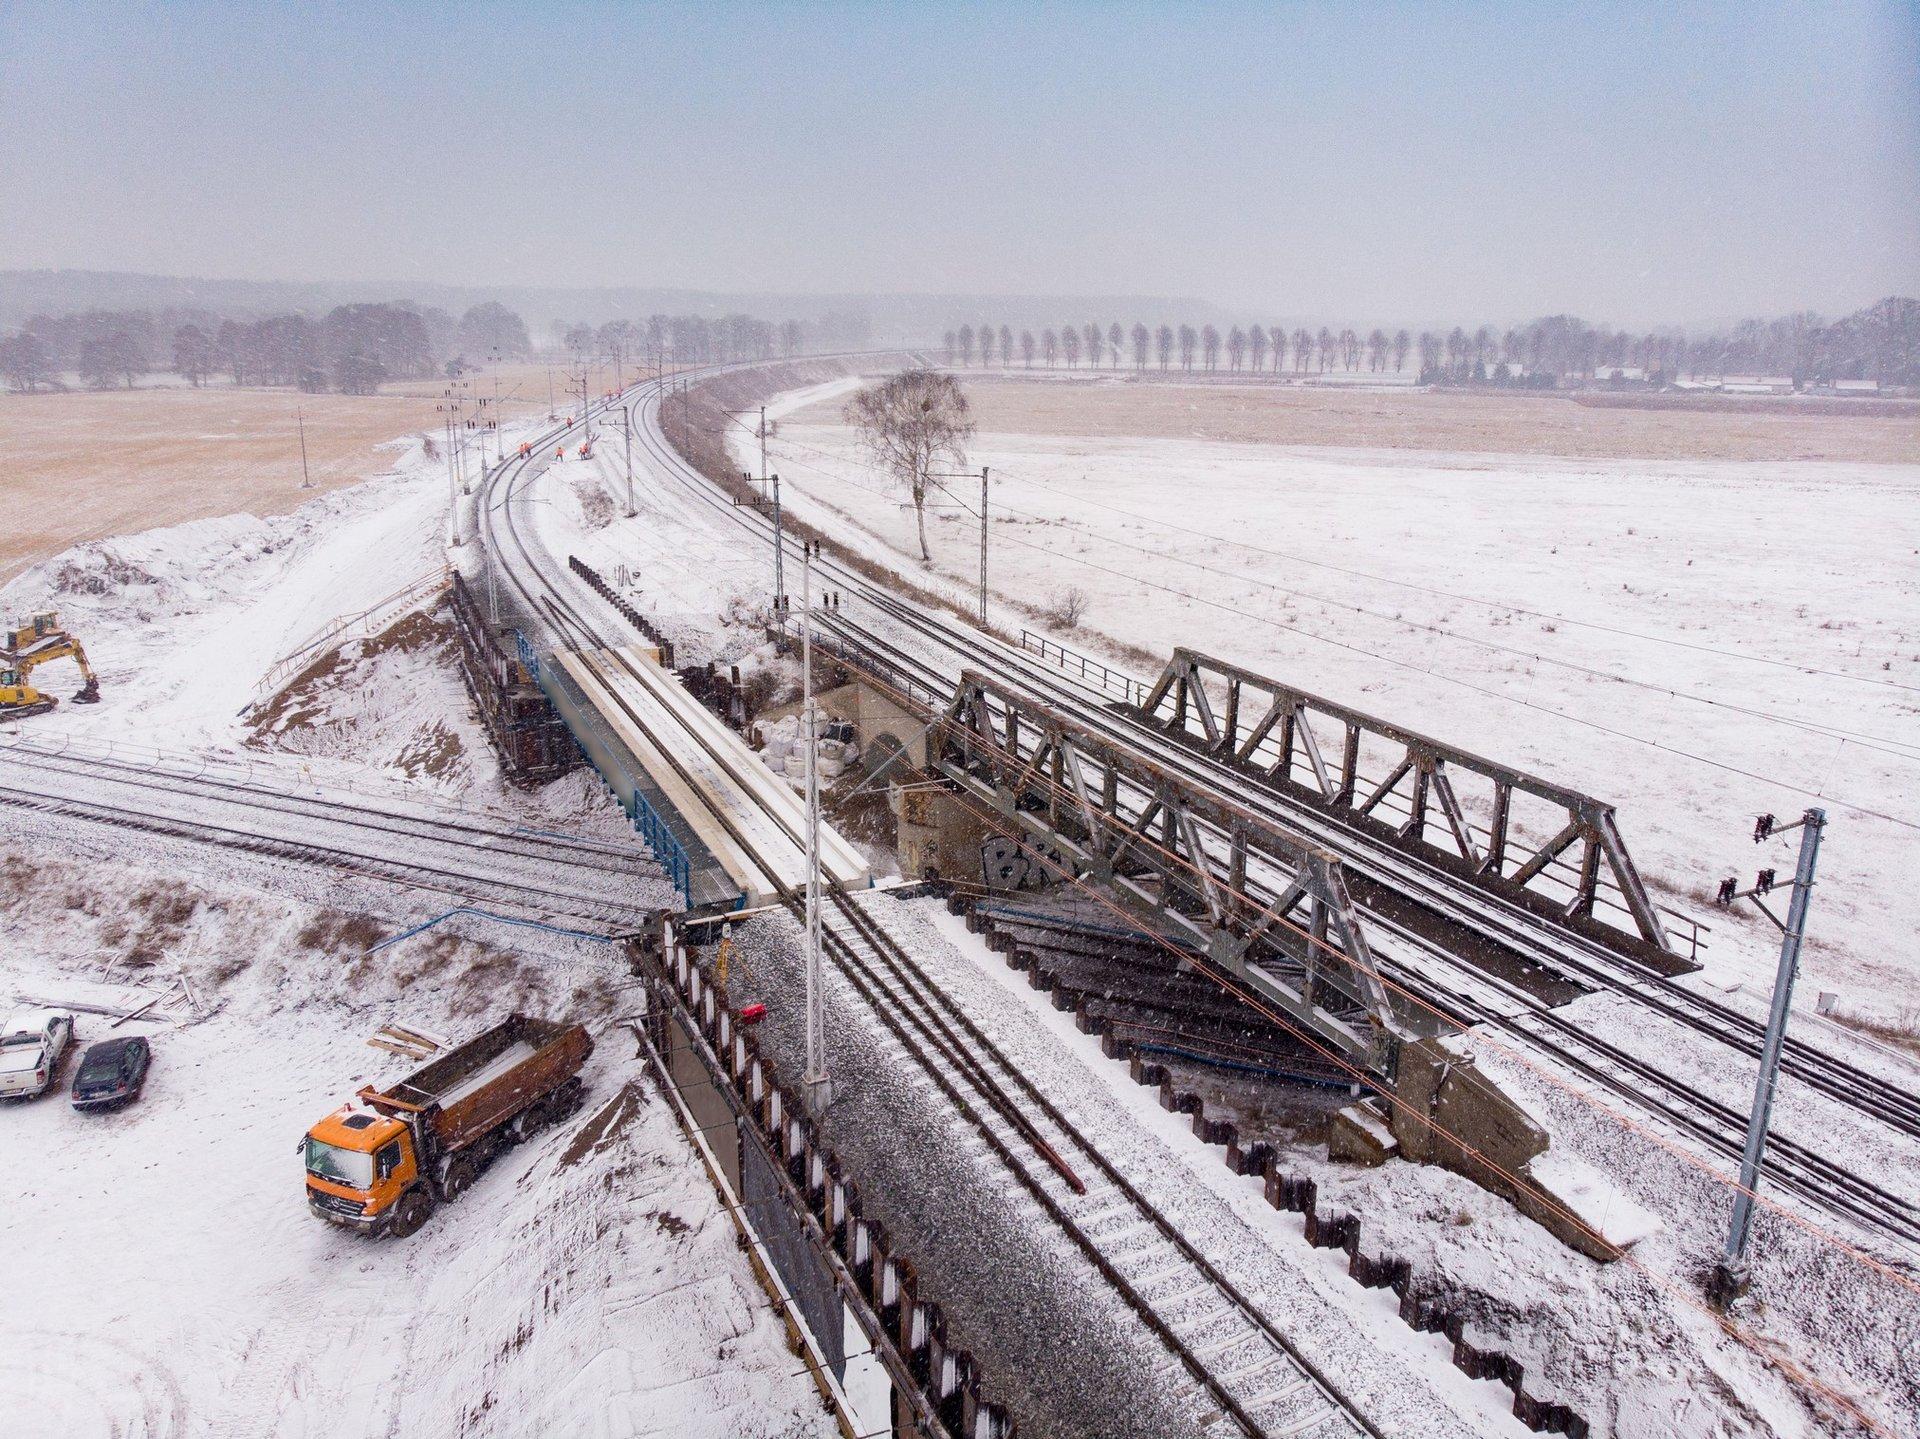 Zdjęcie przedstawia widok z góry na tory kolejowe oraz tymczasowy objazd w Krzyżu Wielkopolskim w trasie linii kolejowej z Poznania do Szczecina.